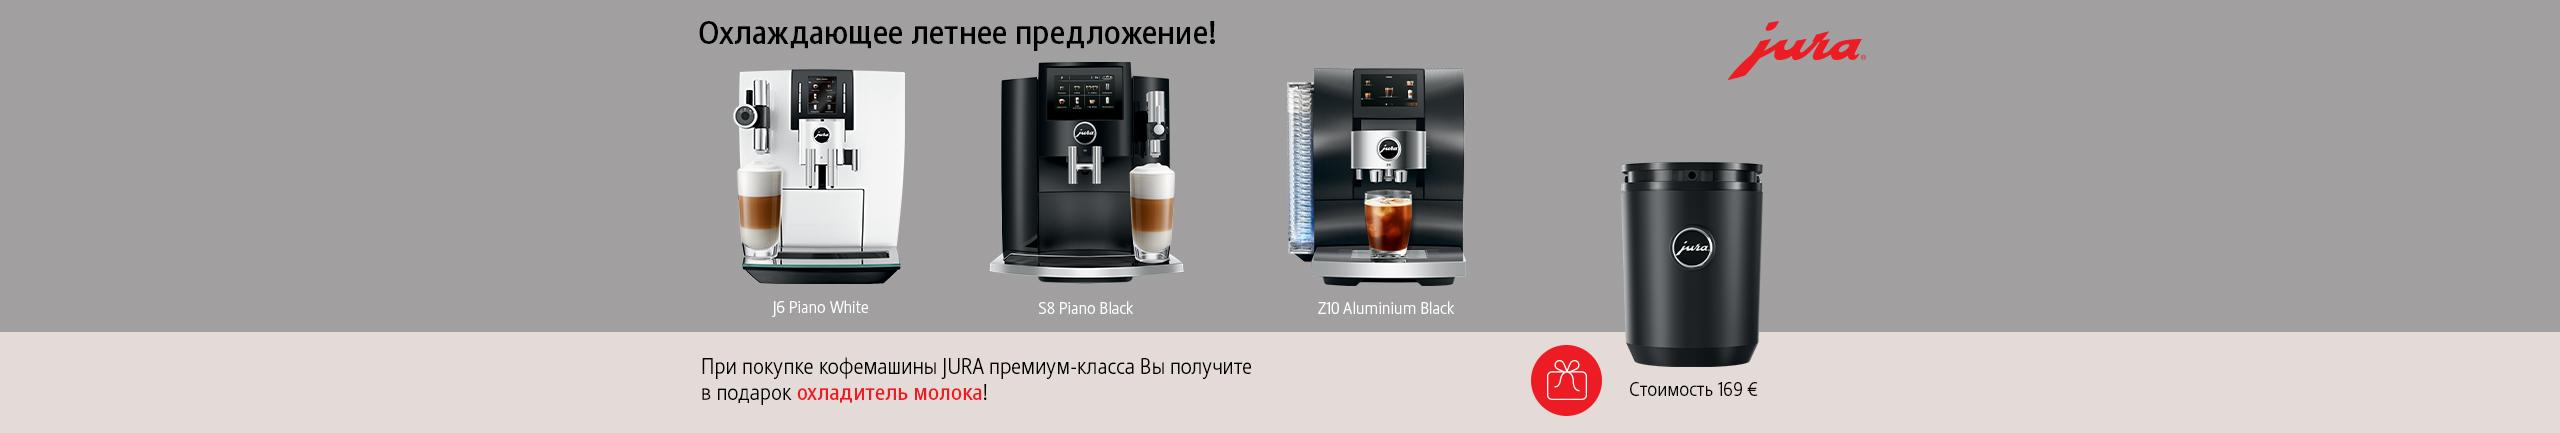 При покупке кофемашины JURA премиум-класса Вы получите в подарок охладитель молока!